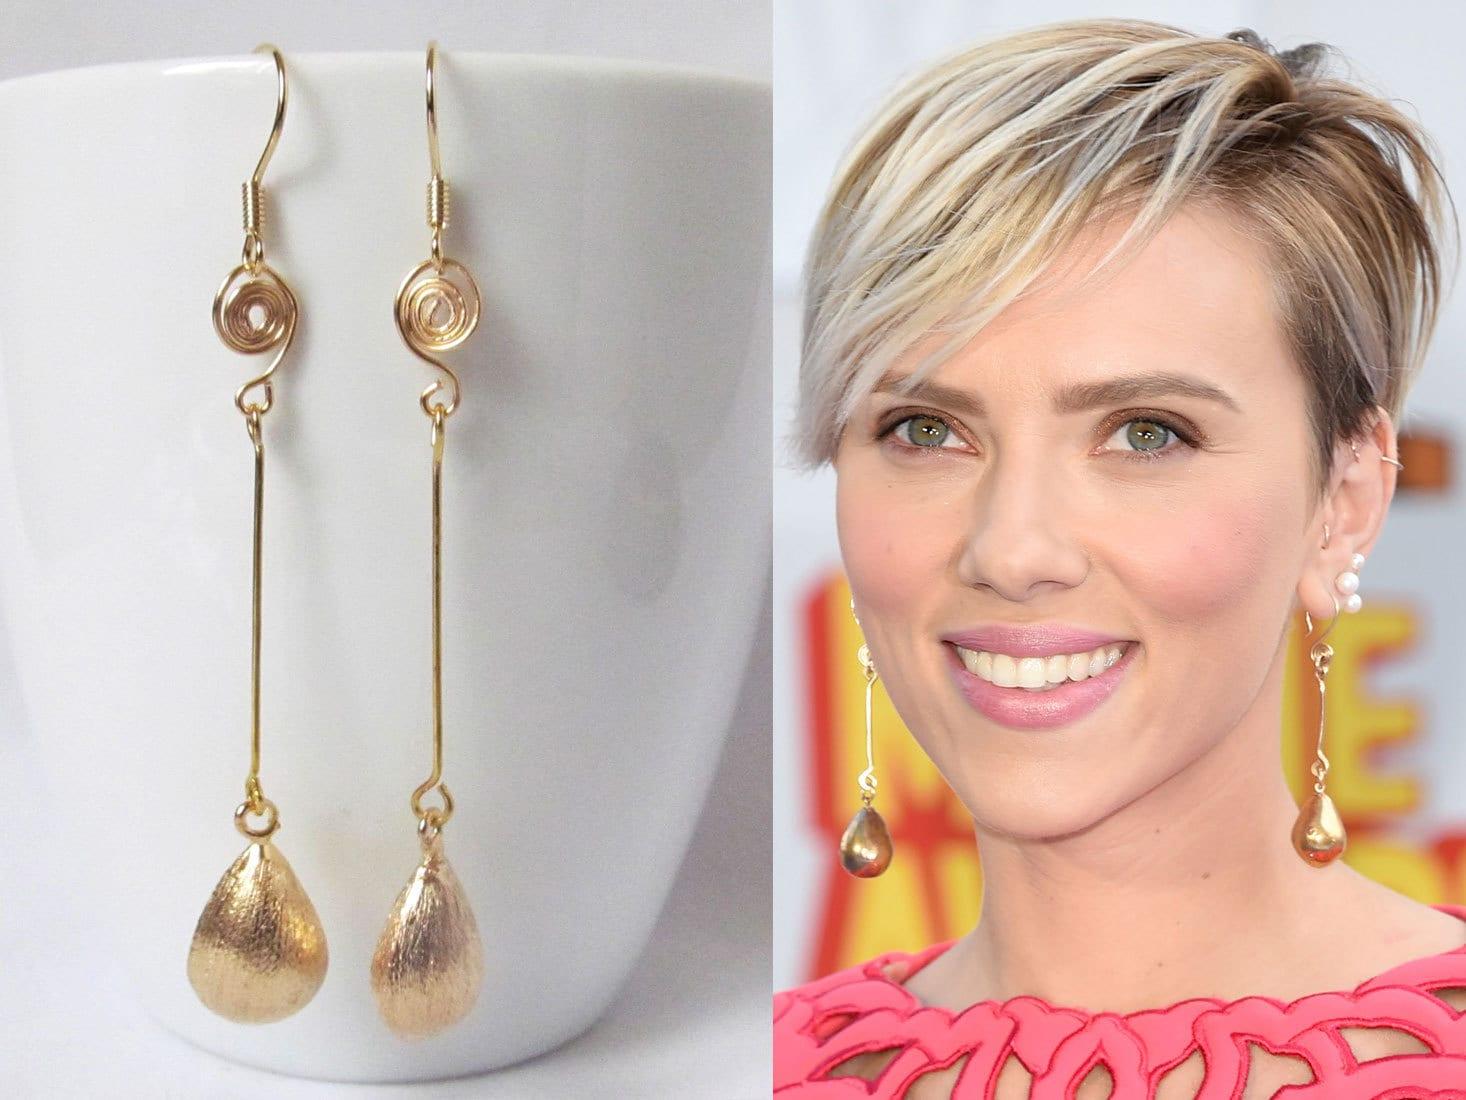 long drop earrings gold dangle - 233.1KB